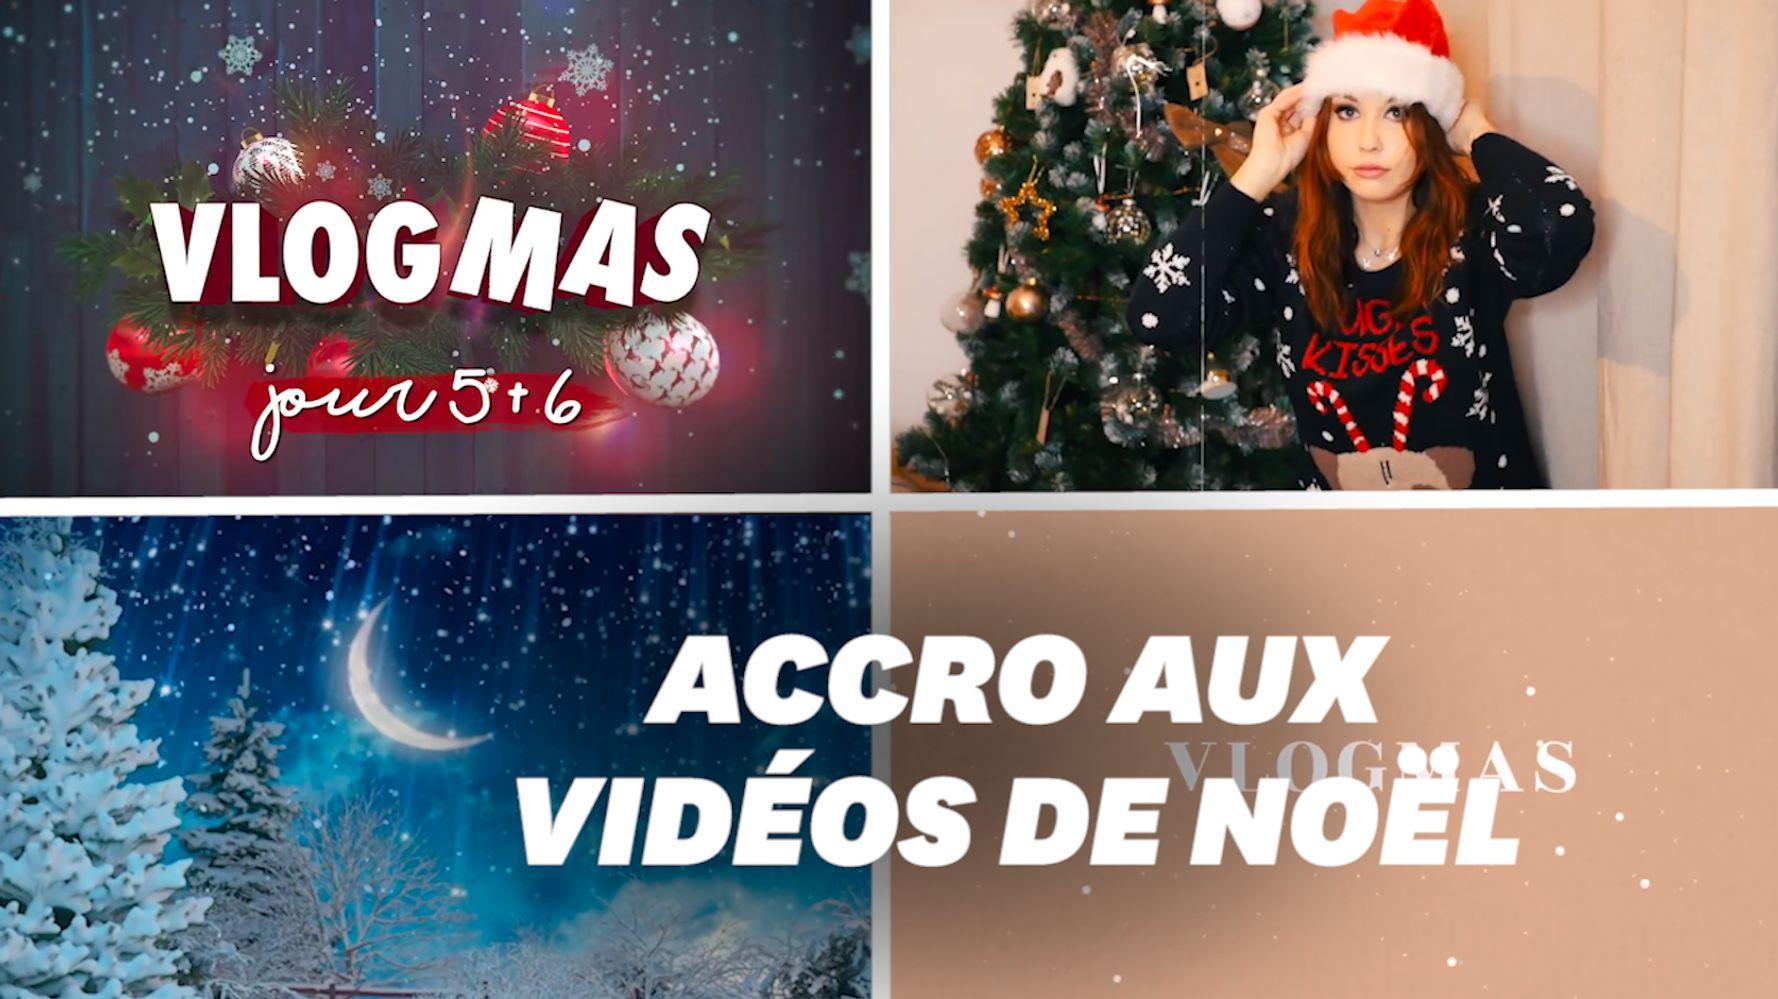 Pourquoi on adore regarder des vlogmas sur YouTube au moment de Noël